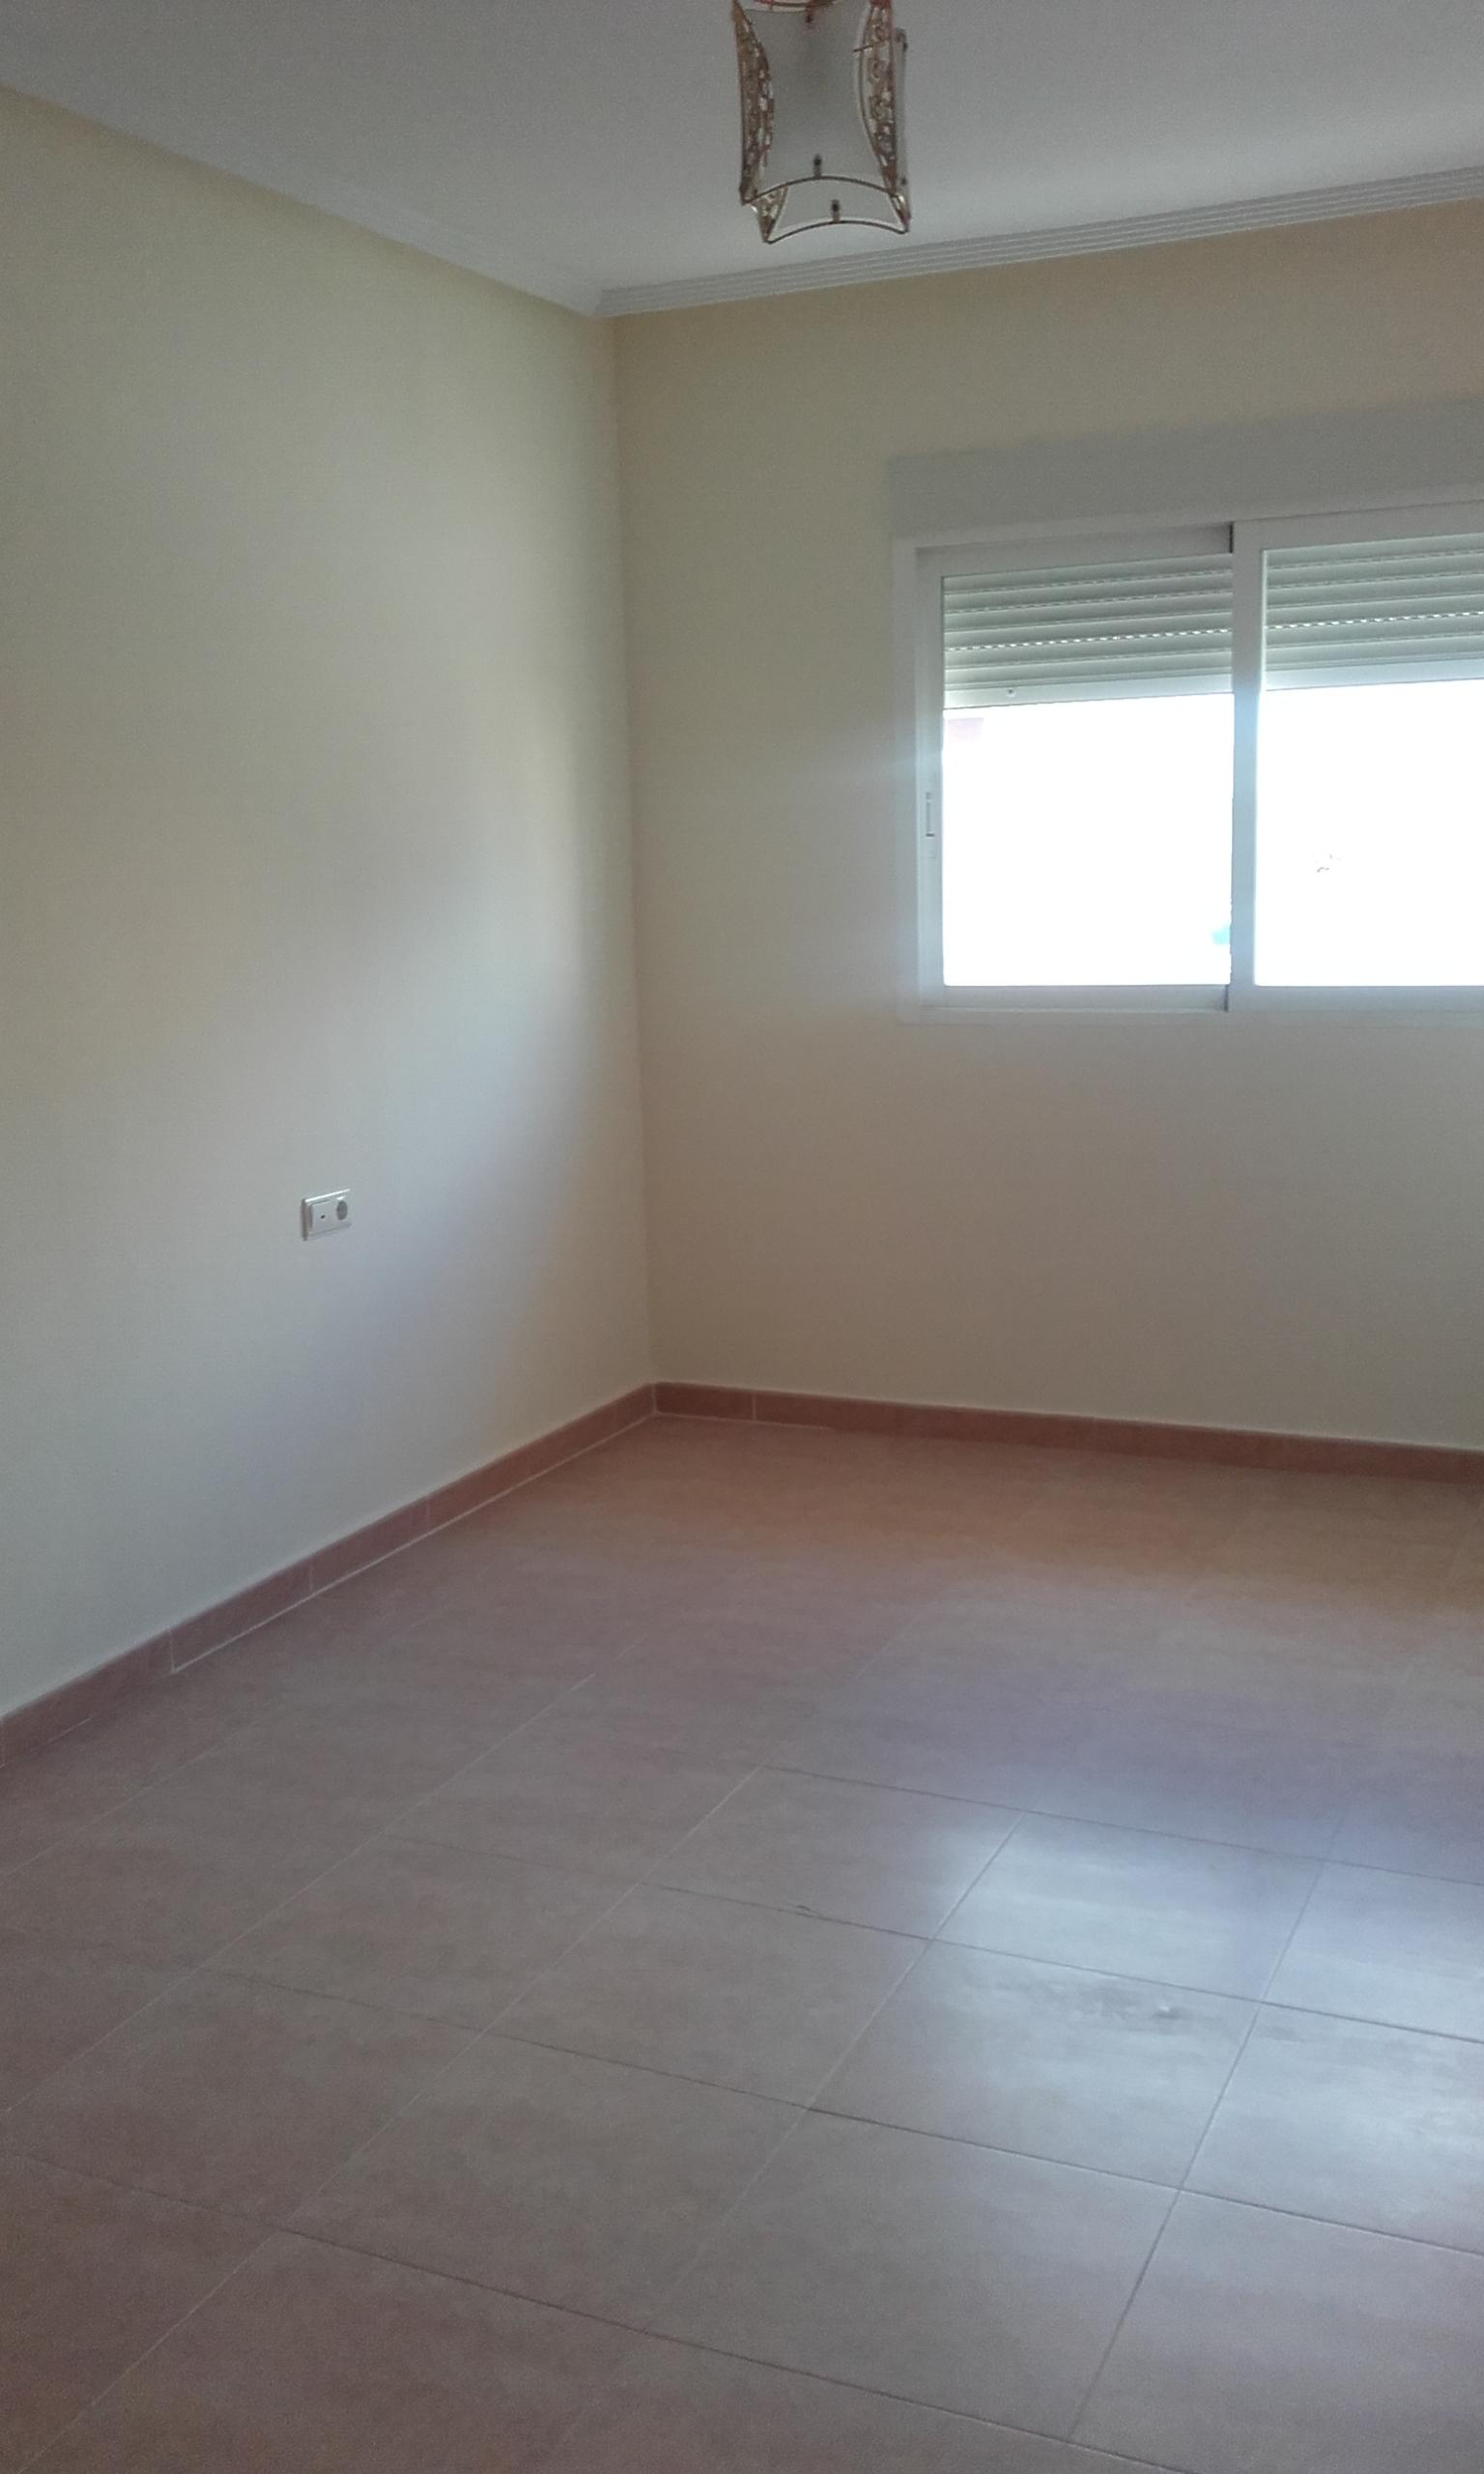 Piso en venta en Pedreguer, Alicante, Calle Dels Furs, 77.500 €, 3 habitaciones, 2 baños, 109 m2